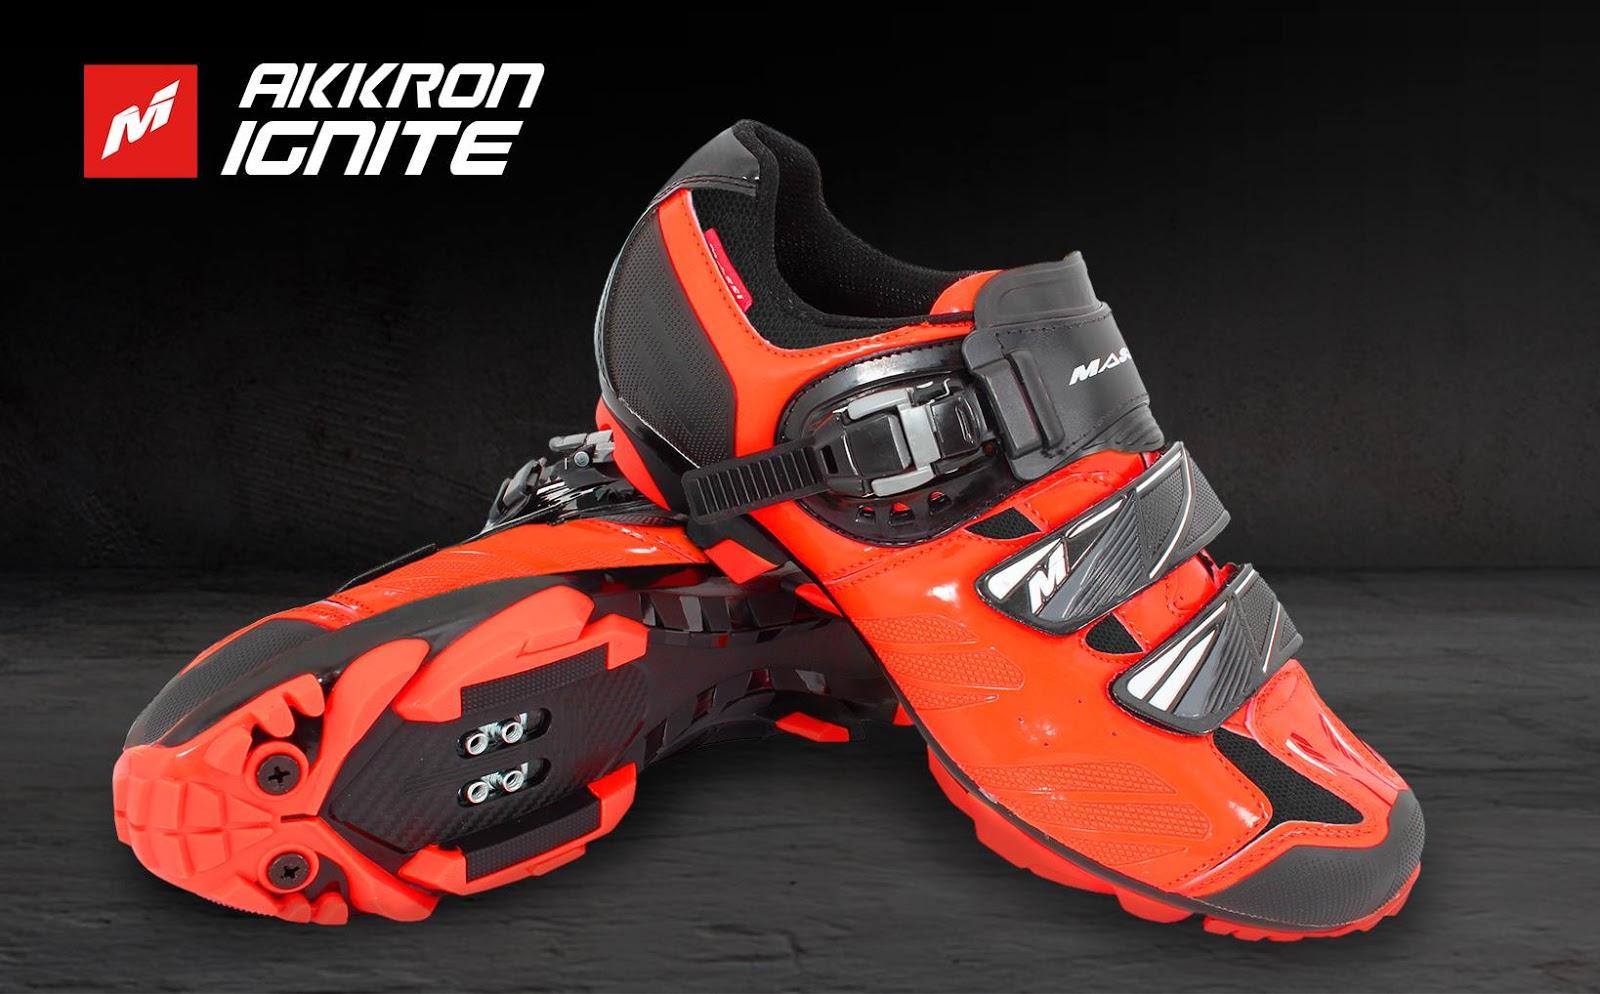 6f196e7612c84 Nuevas zapatillas Massi Akkron Ignite ~ Ultimate Bikes Magazine